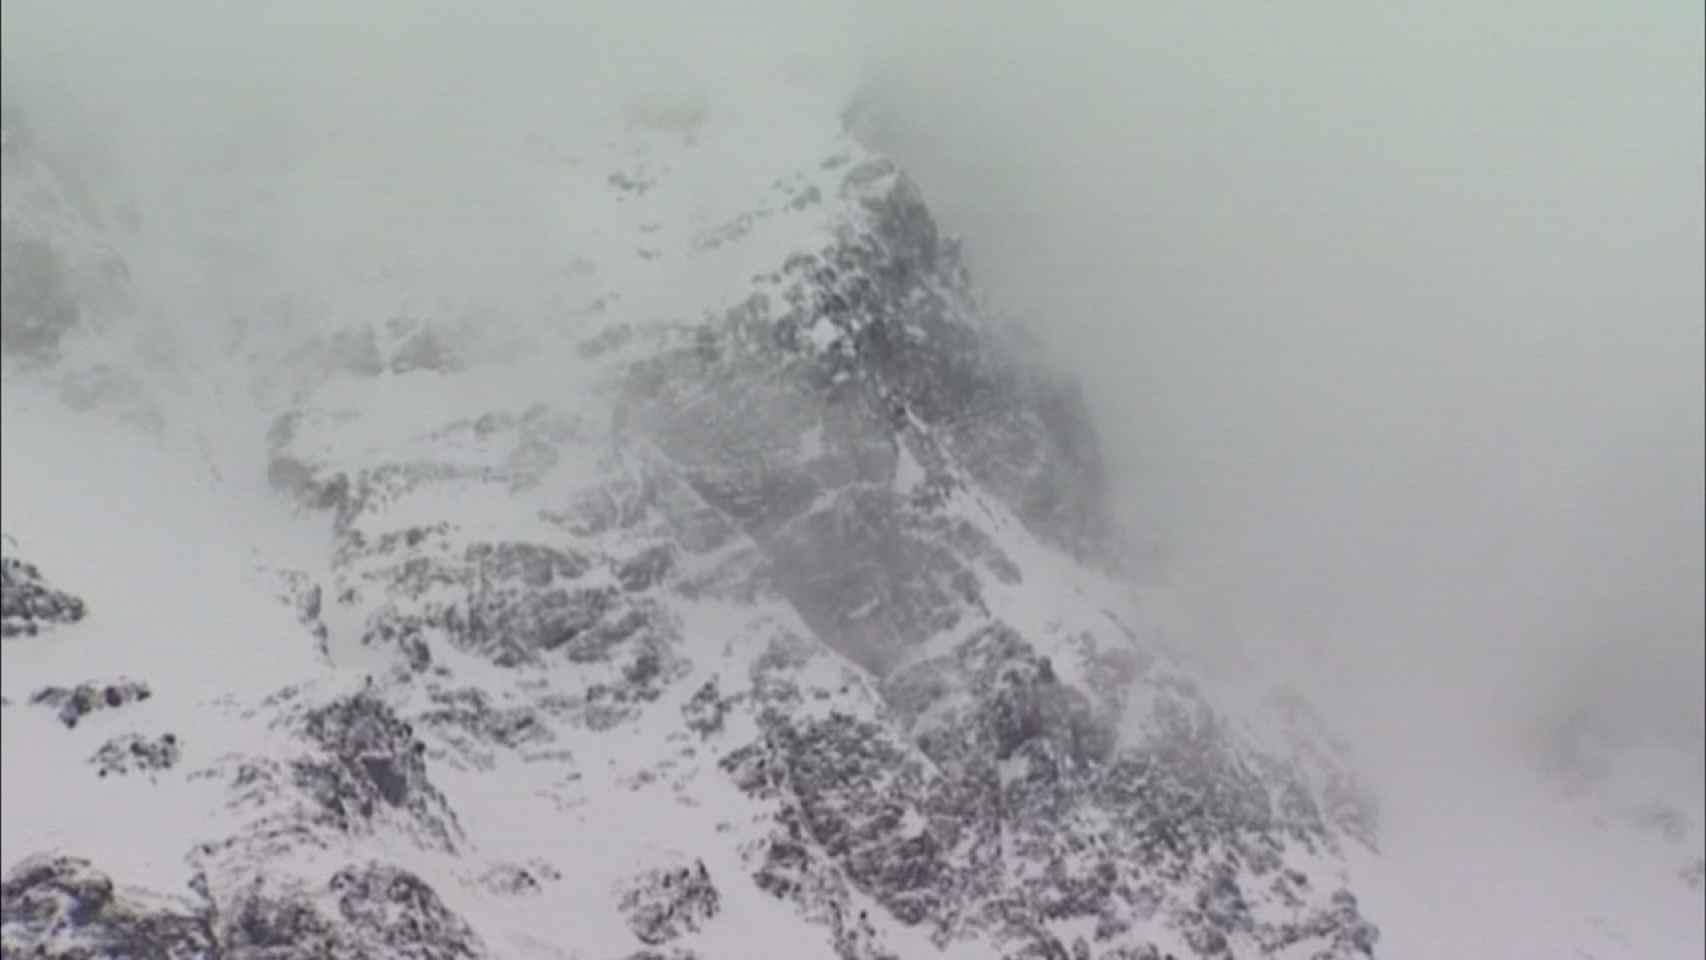 Identificación de alpinistas españoles muertos en la avalancha